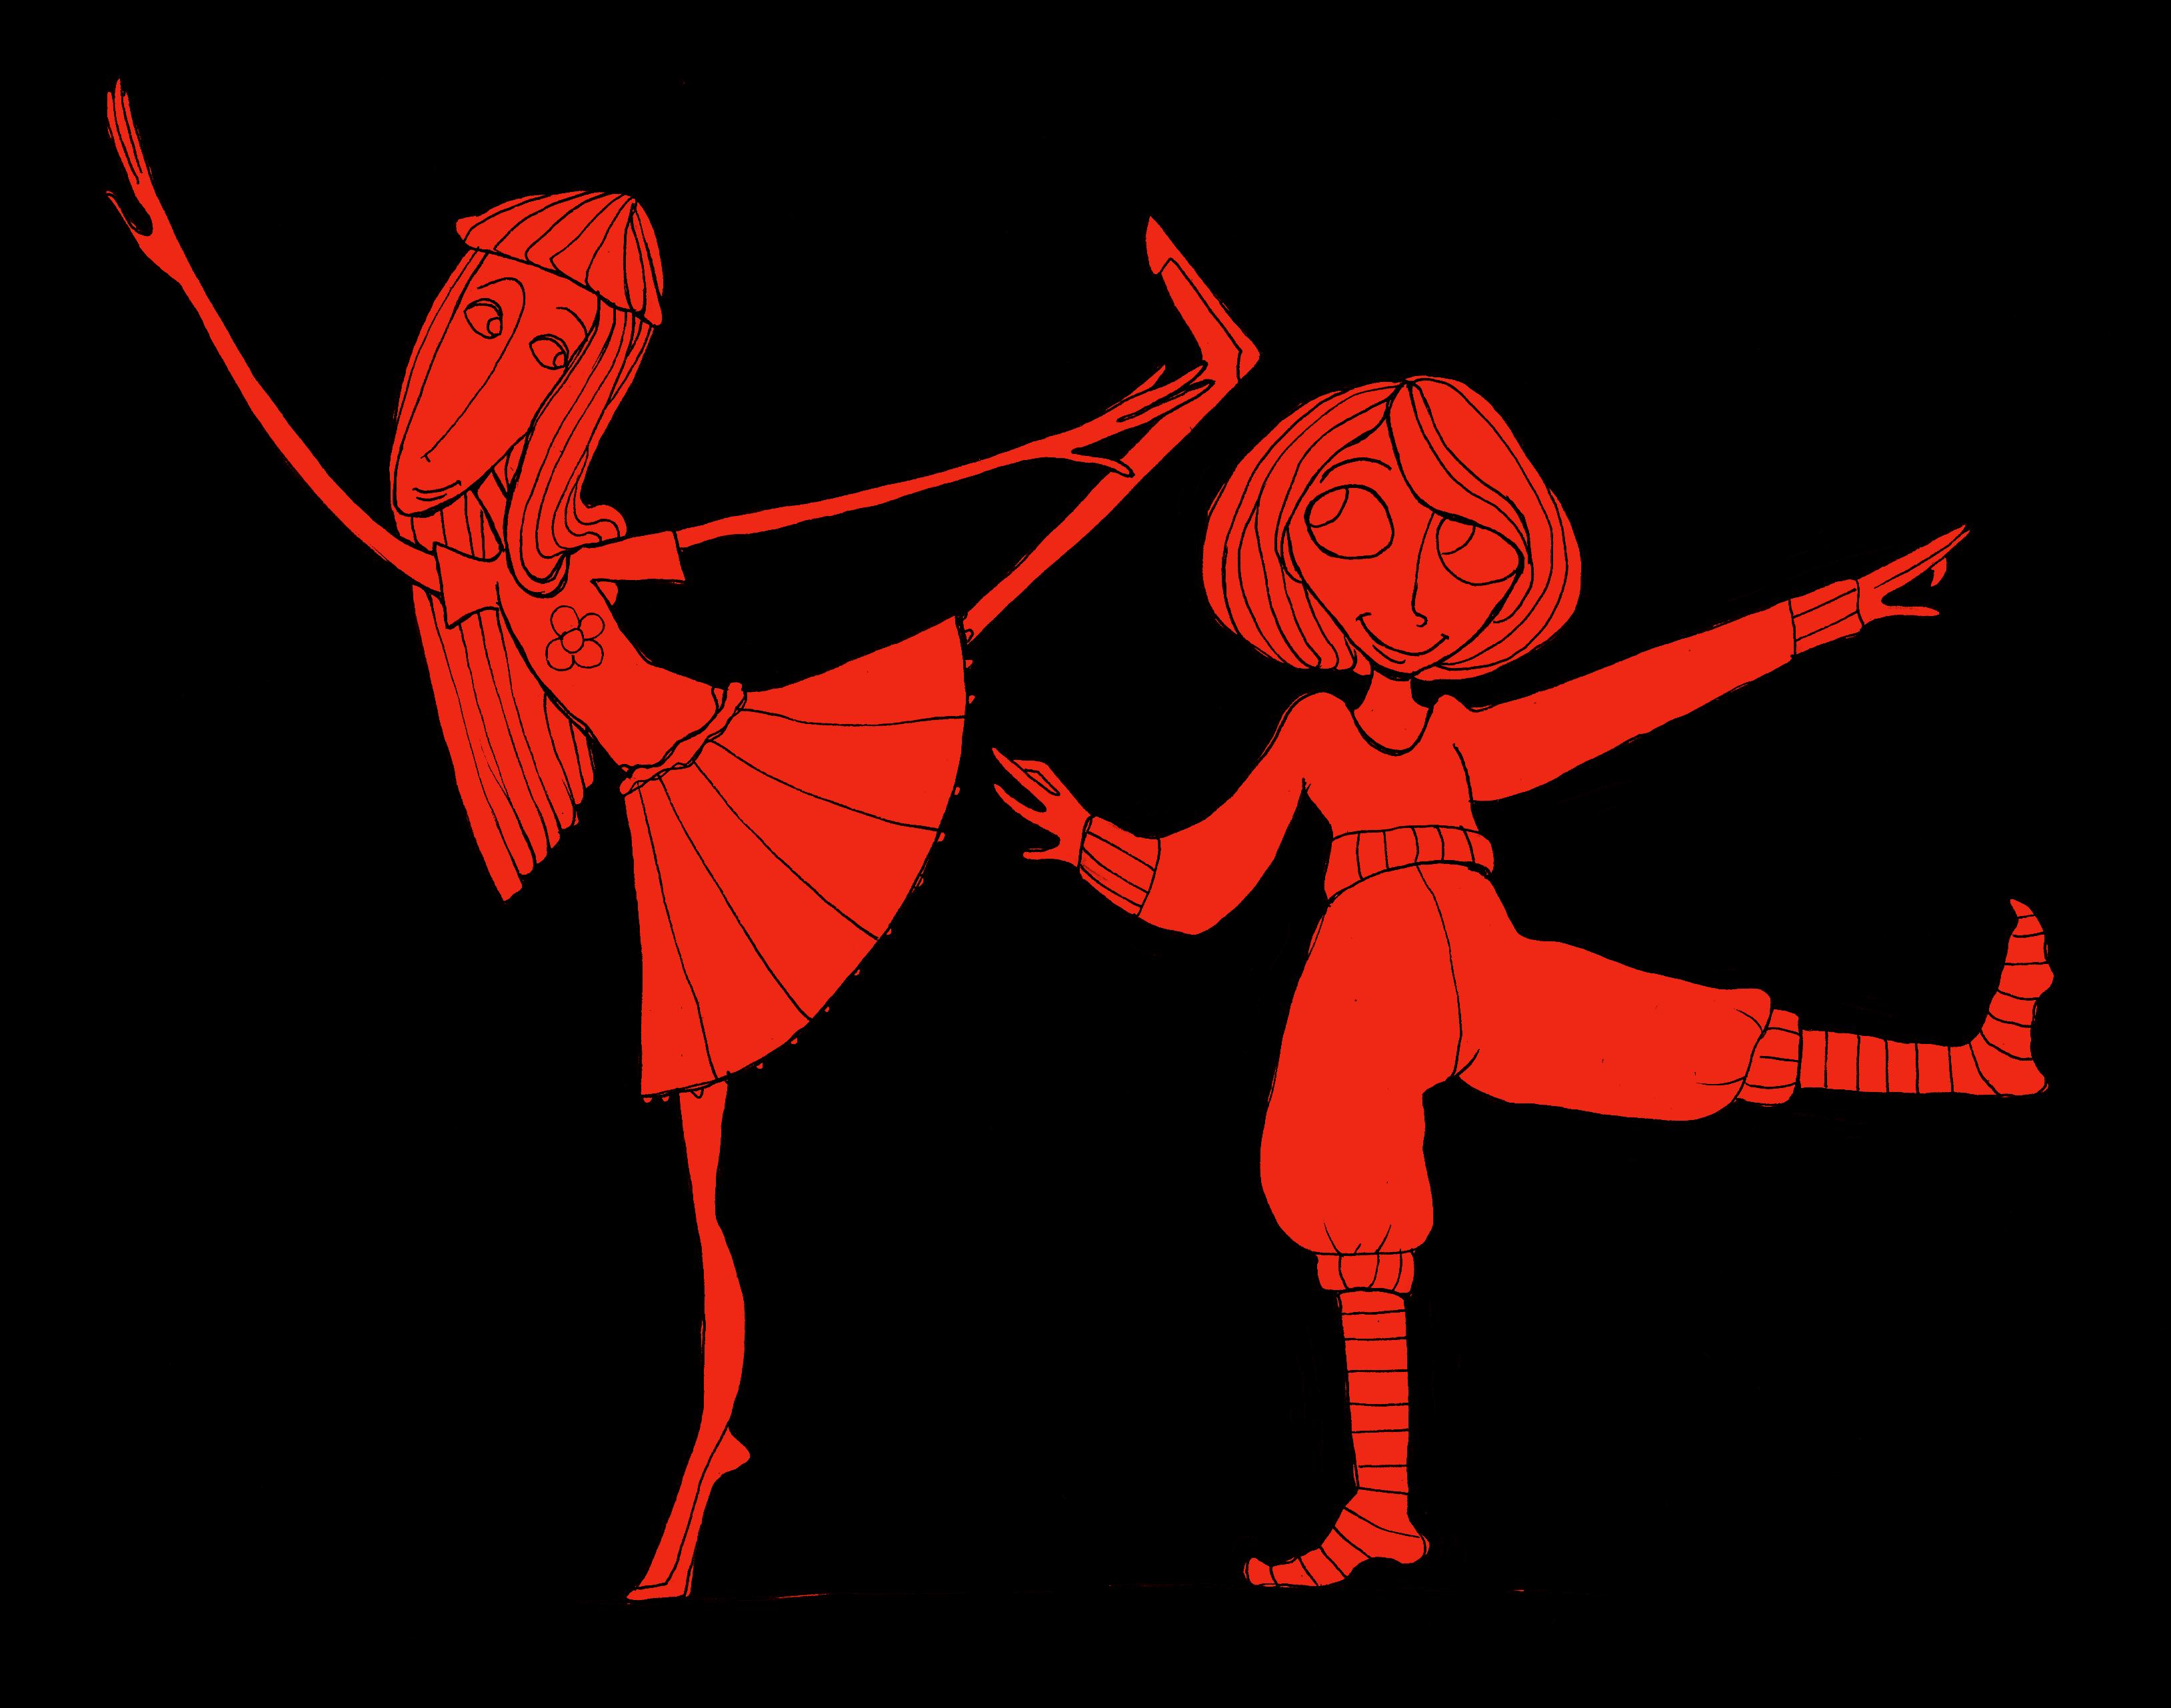 18_Balettoktatás